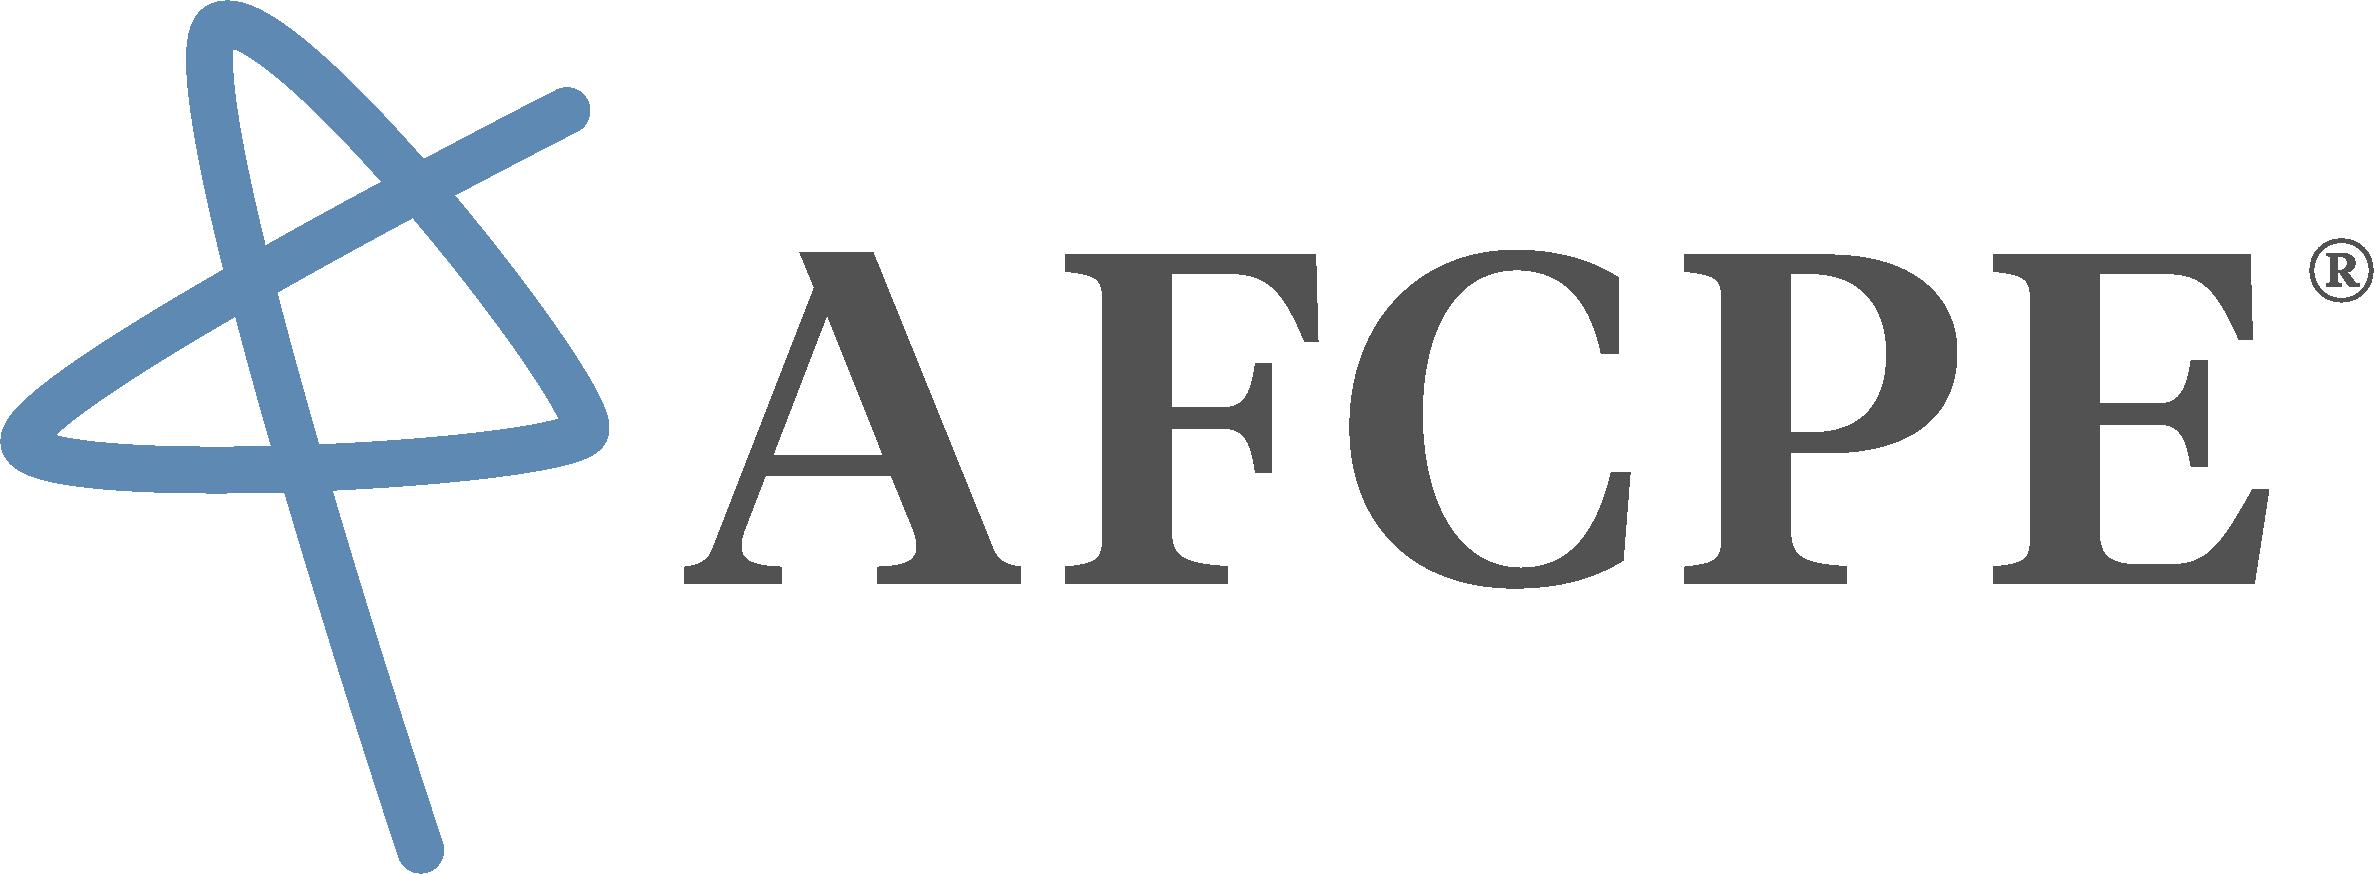 Afcpe logo full 7a9af557fe1d664c0701c70ed0270ca9ba7bbdb704dbcb7cb5cfd682d6ef3e50